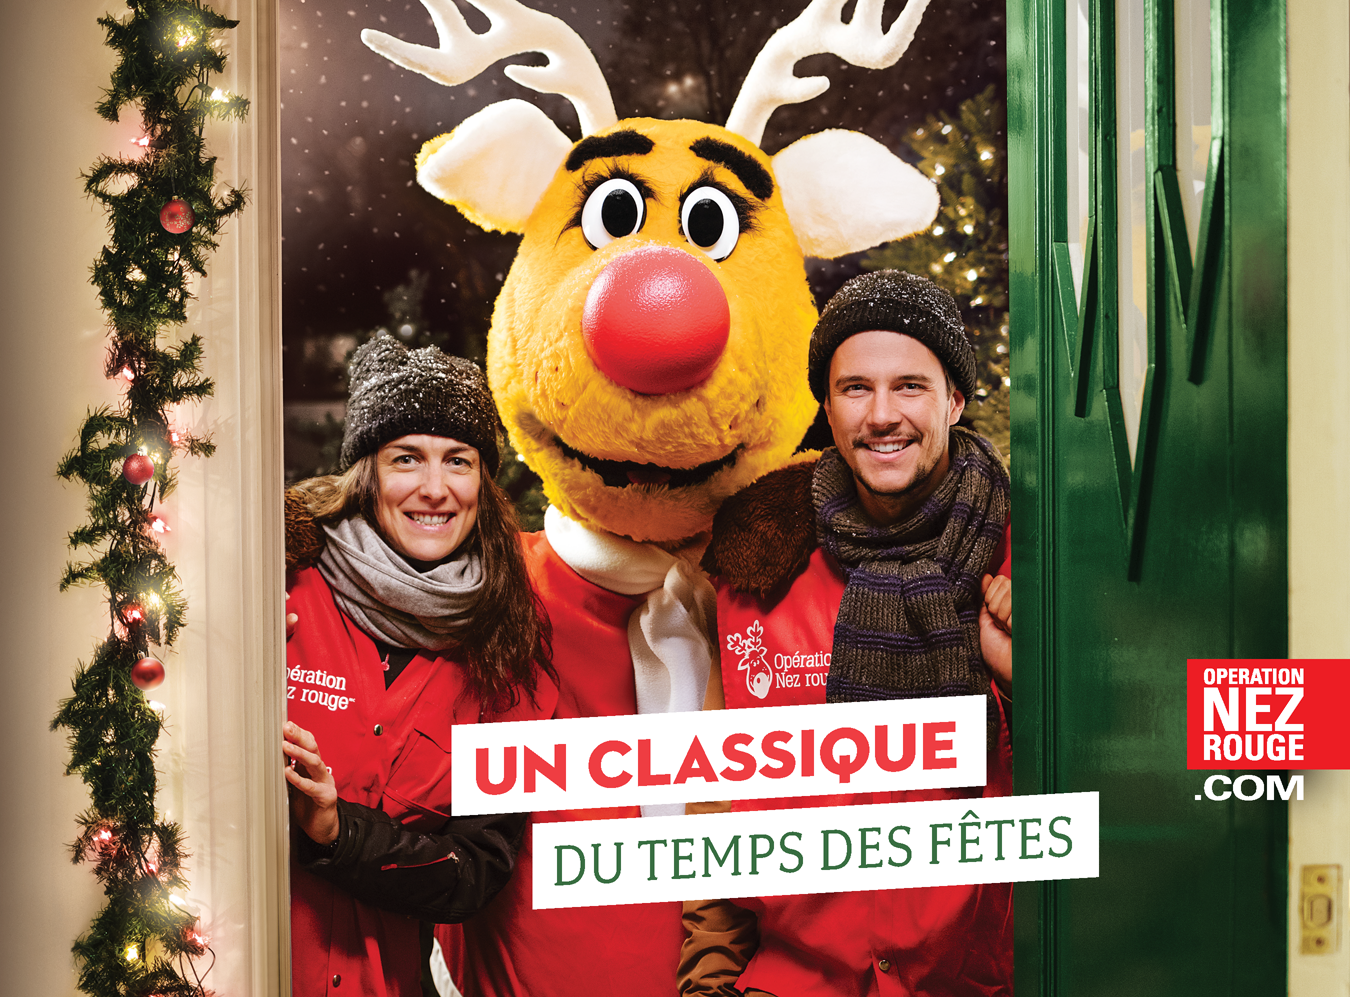 Opération Nez rouge, Affiche campagne Québec 2017